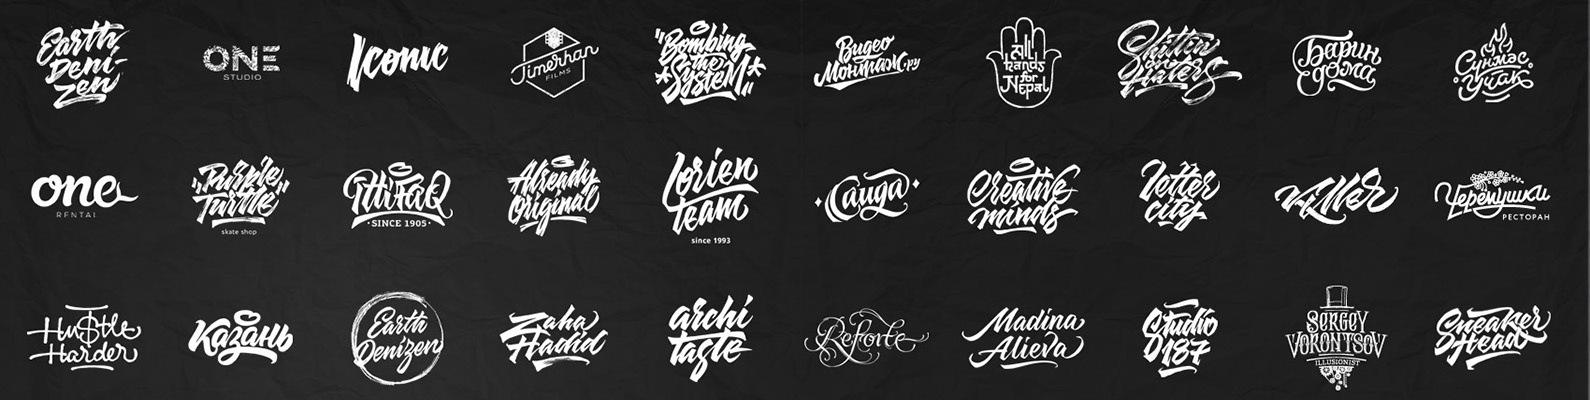 Каллиграфия/Леттеринг/Рукописный шрифт | VK Шрифтовая Композиция Готика